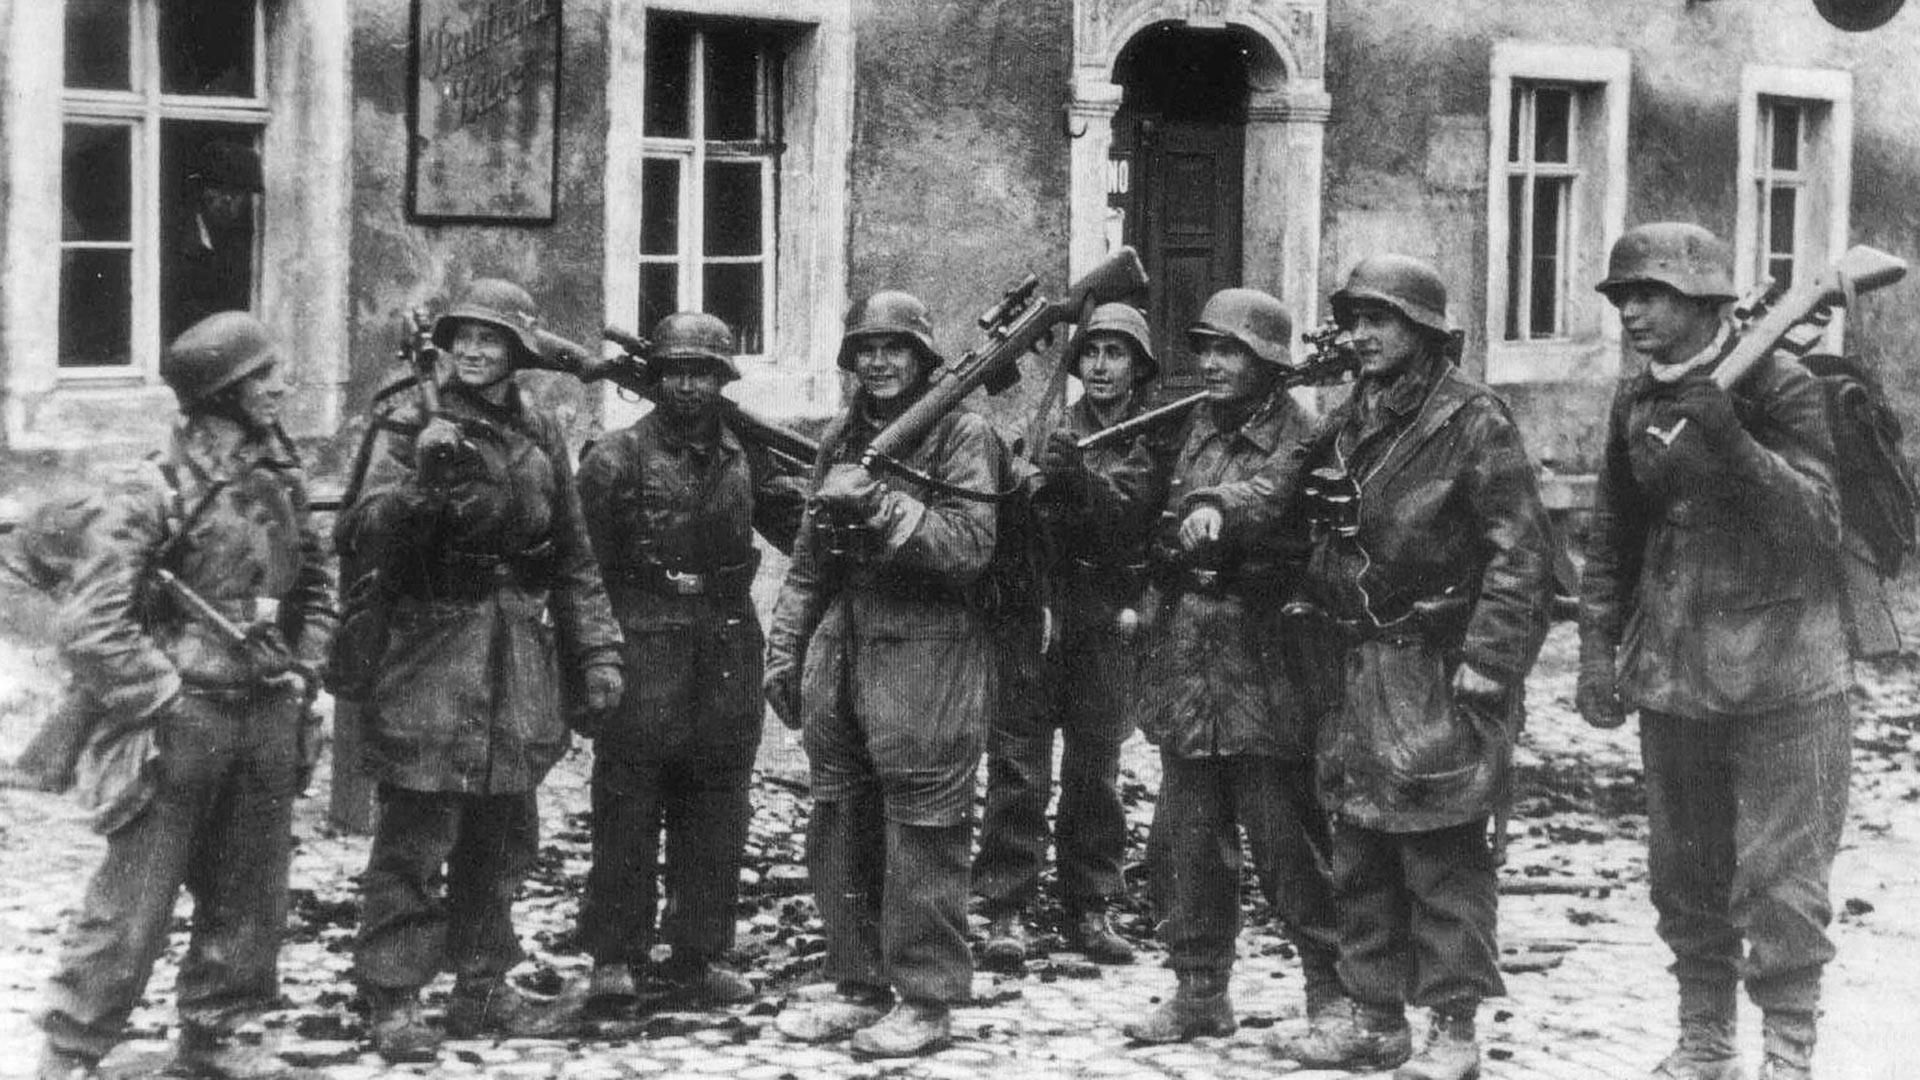 Солдаты дивизии «Герман Геринг» в Кубшюце, населённом пункте к востоку от Баутцена.